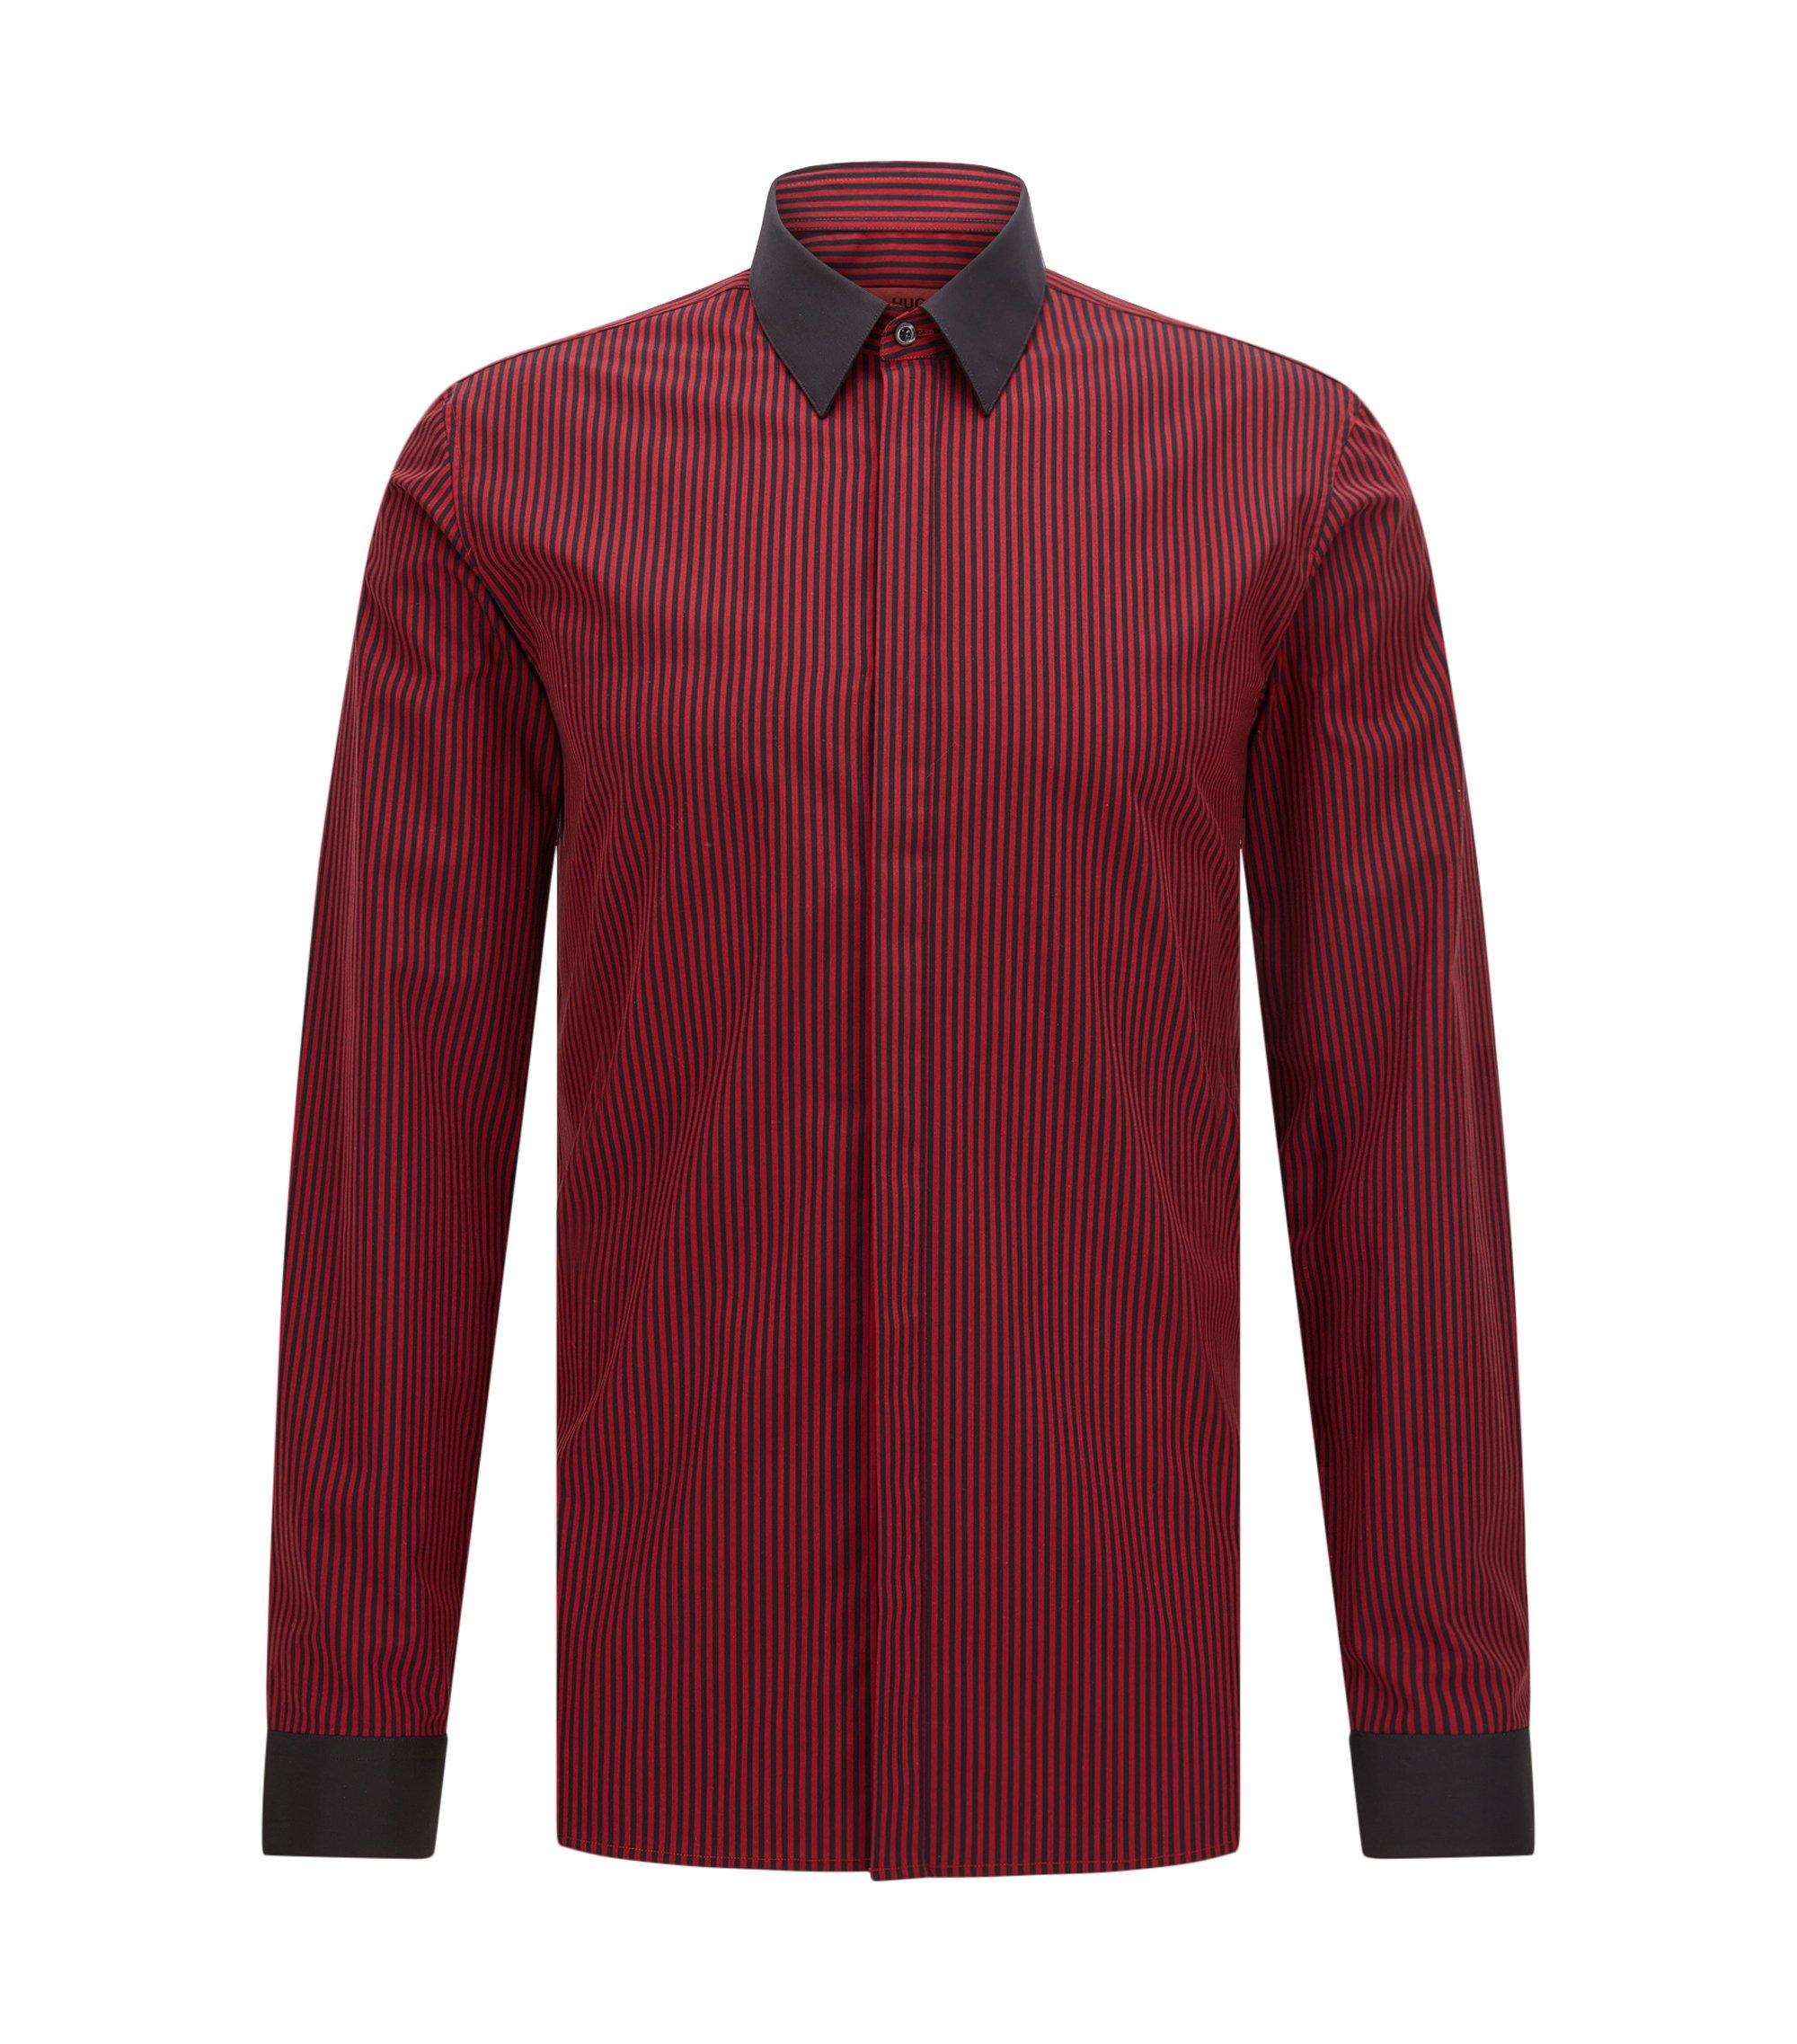 Chemise Extra Slim Fit en coton à rayures verticales, Rouge